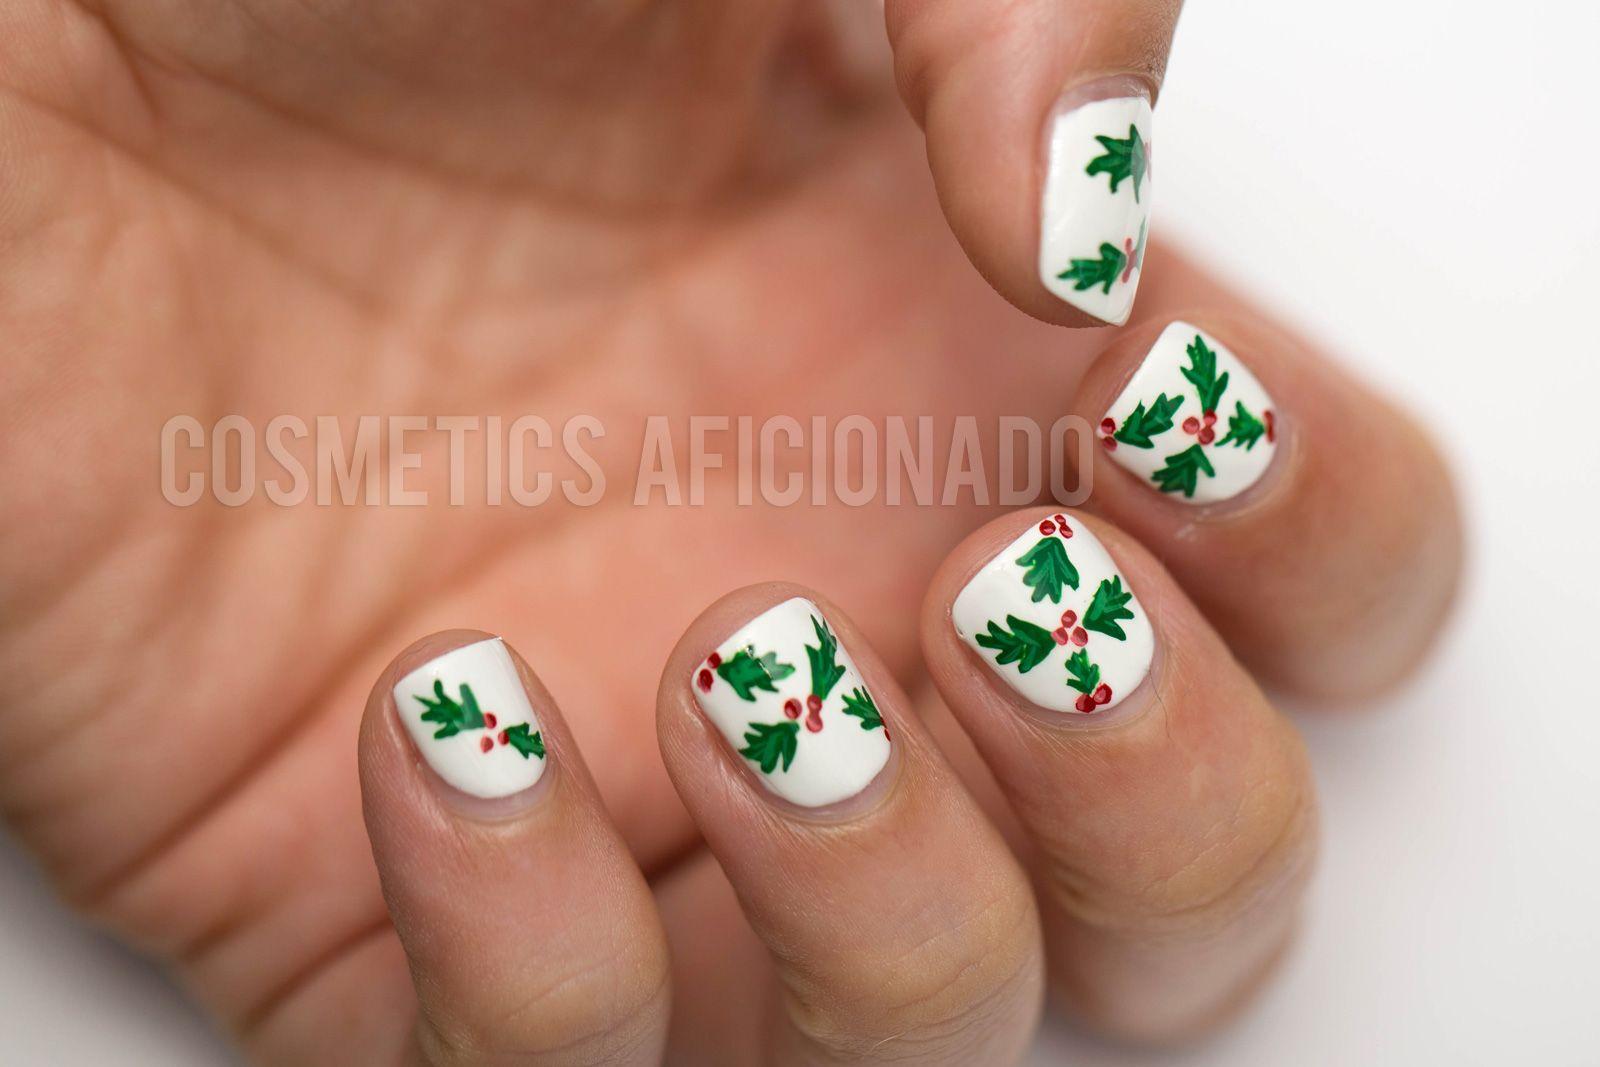 christmas nail art holly holly nail art nail art for nubs nail art for short nails via of the madhouse aficionado - Easy Christmas Nail Art For Short Nails